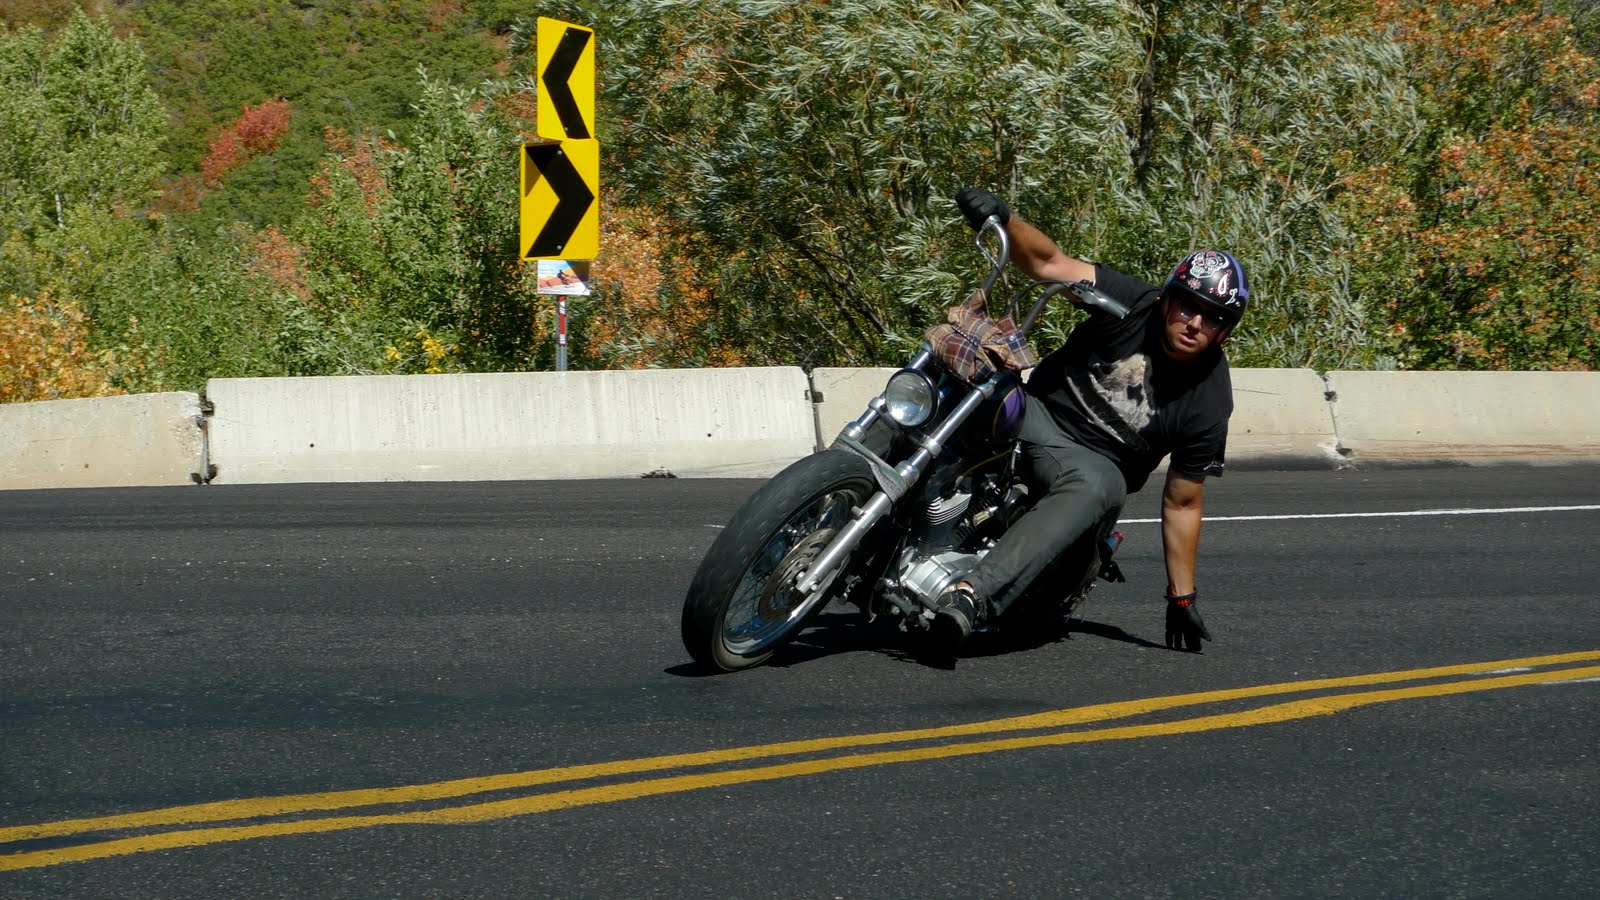 Cómo prepararse para andar en moto (2ª parte)